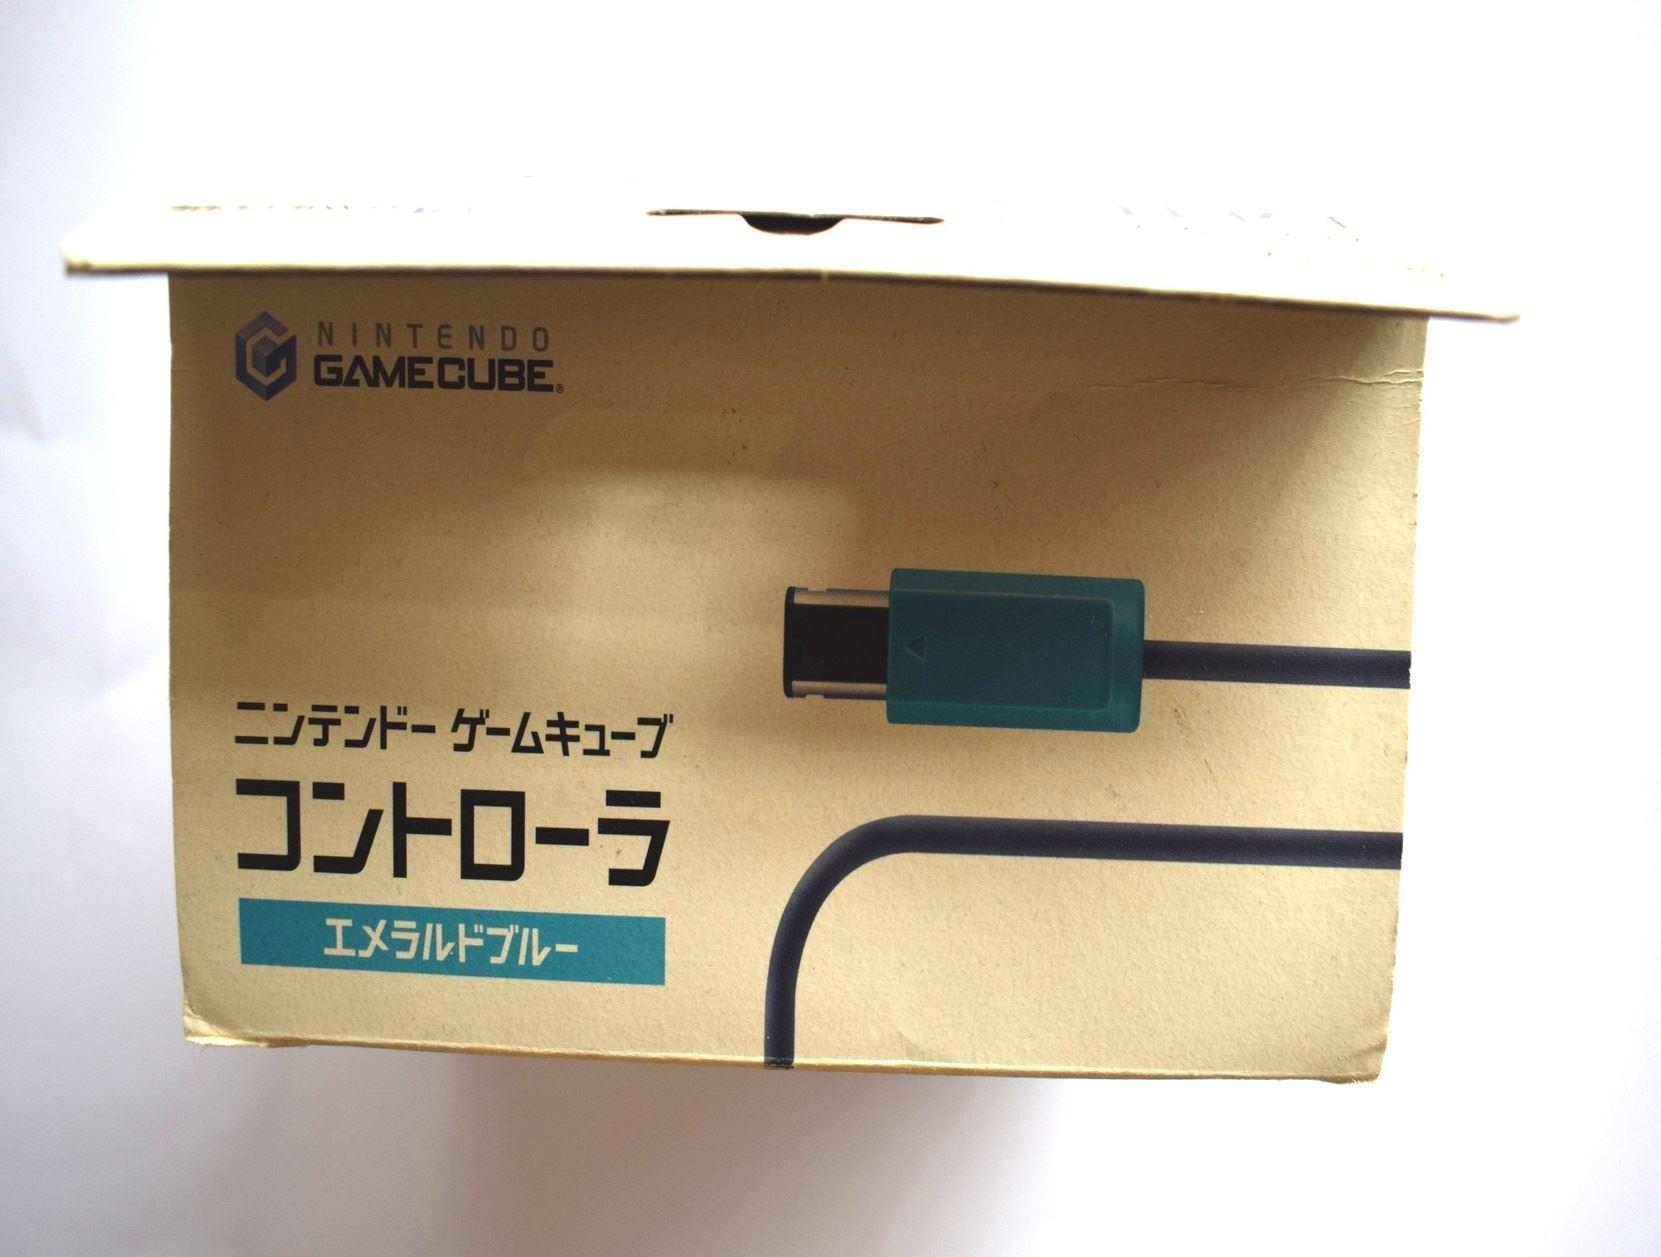 Nintendo-Gamecube-Ufficiale-Originale-Controller-Vari-Colori-Disponibile thumbnail 23